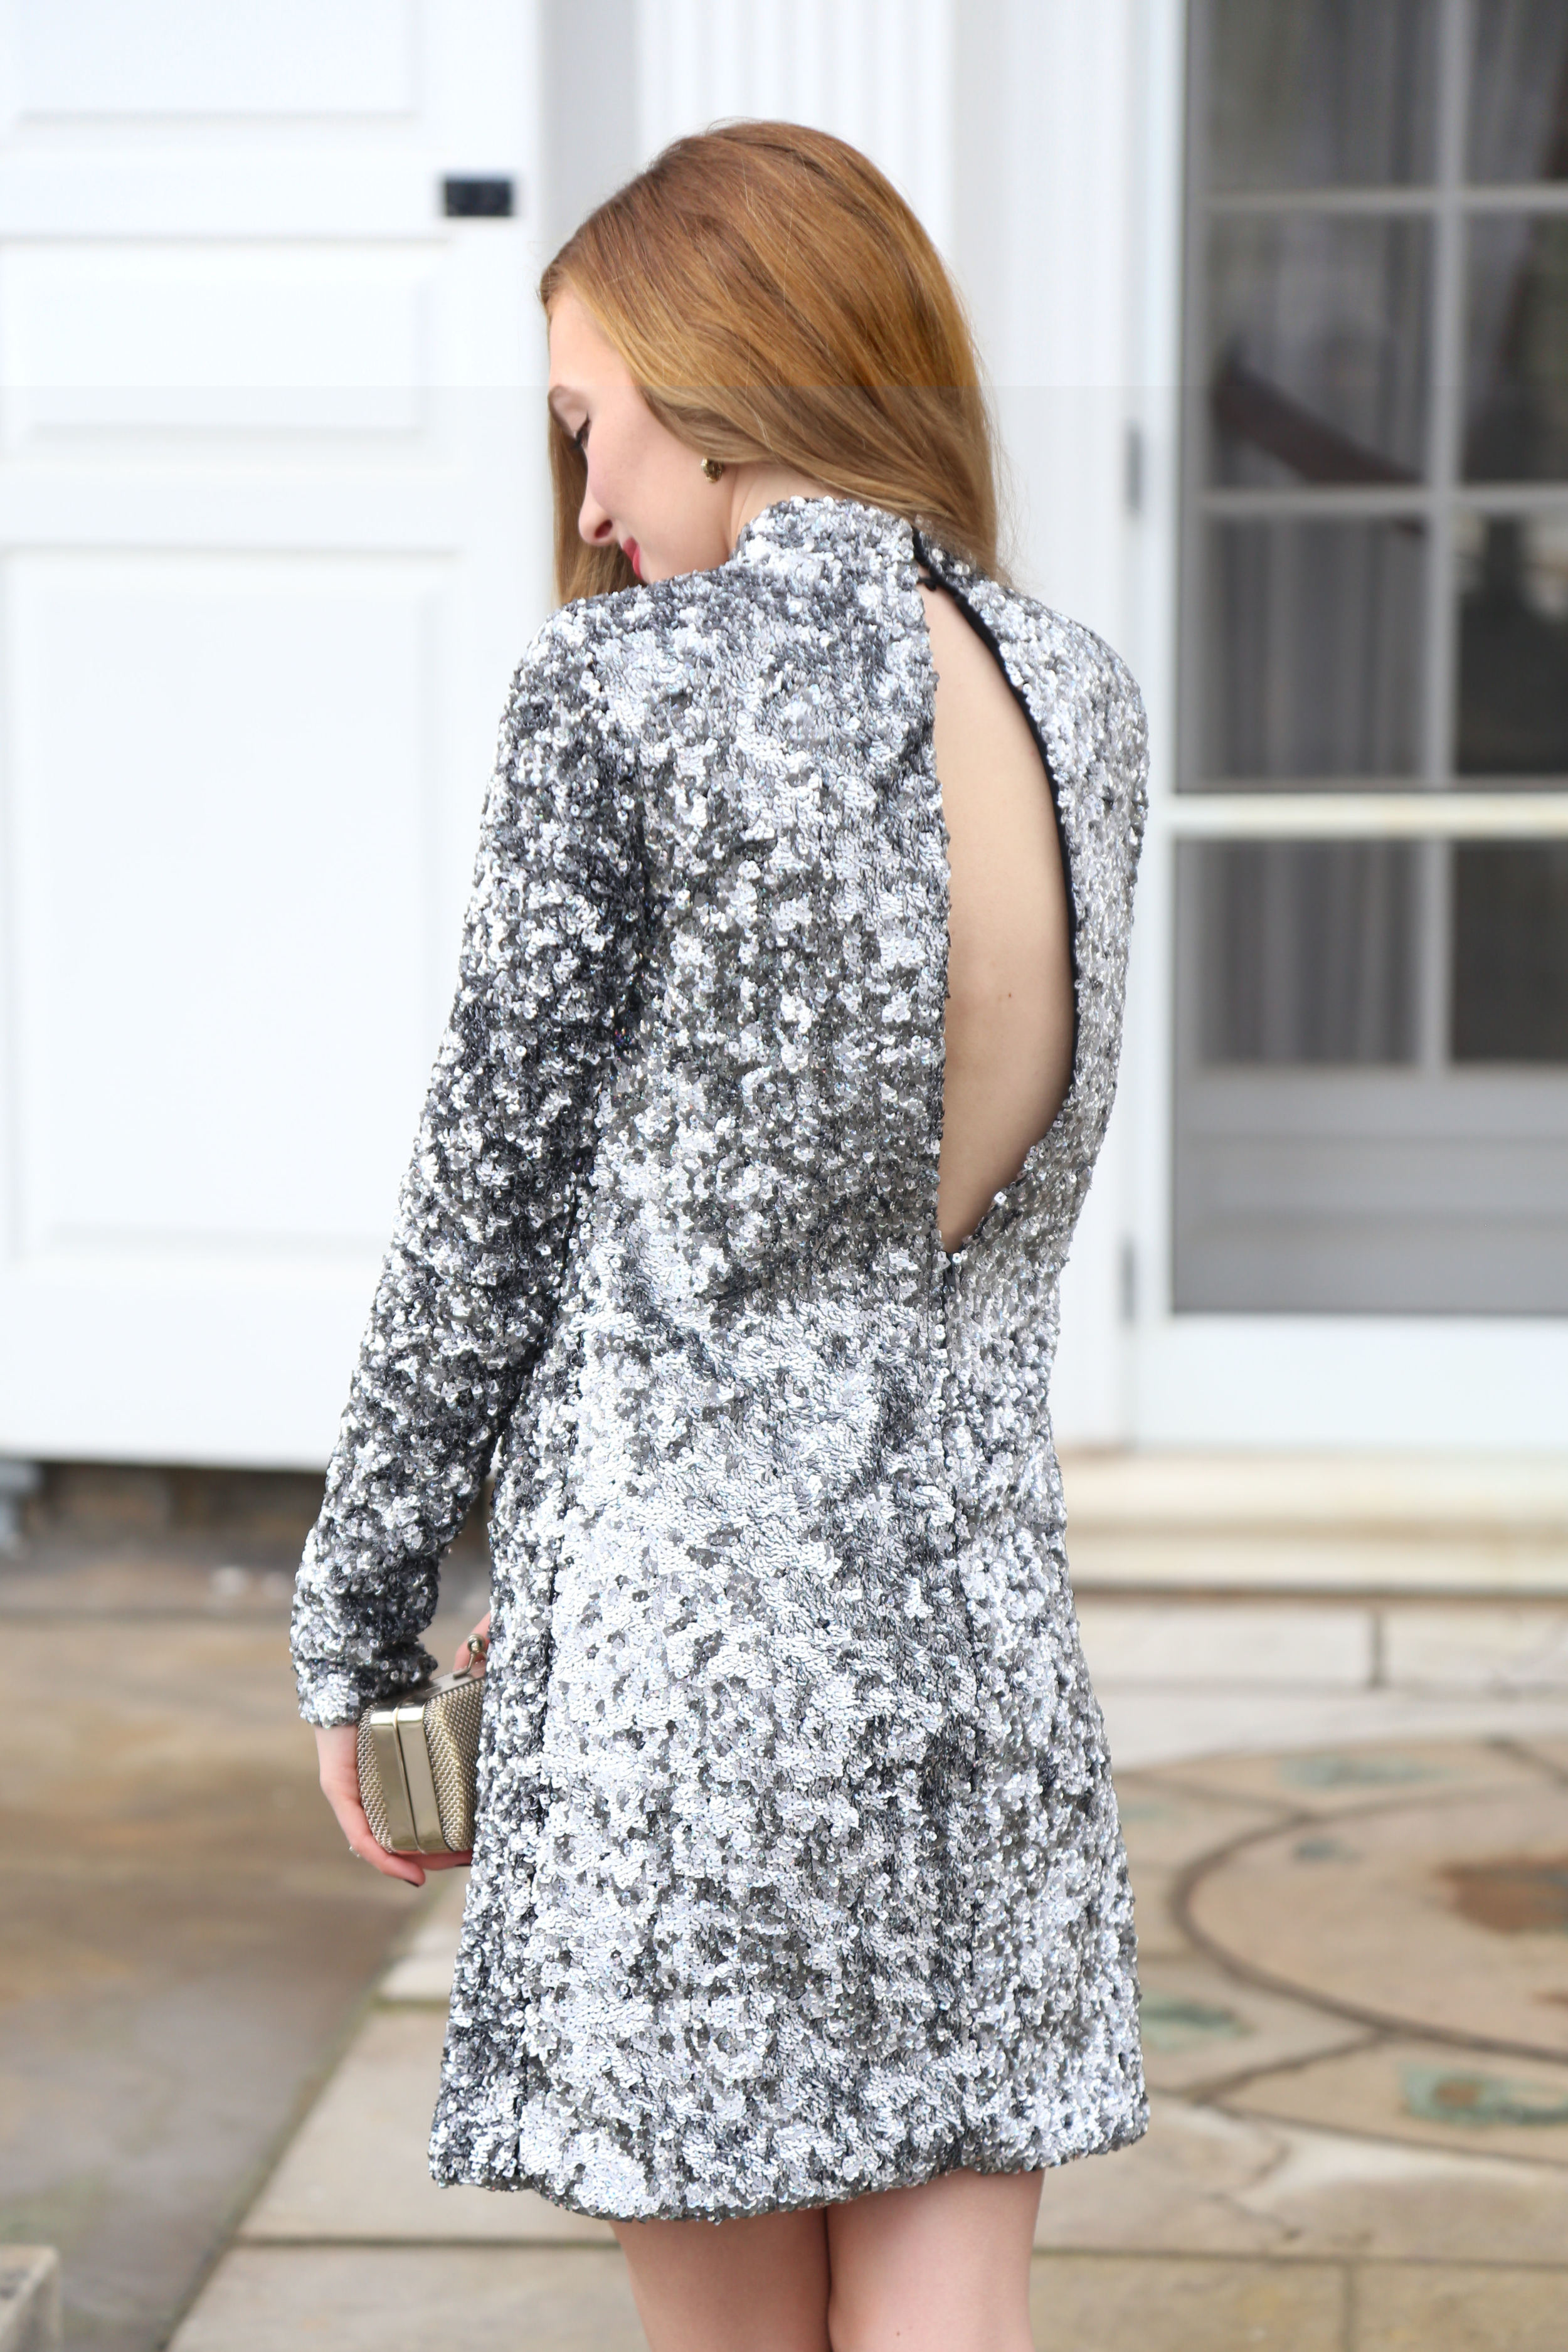 Sequin Sparkle- Enchanting Elegance